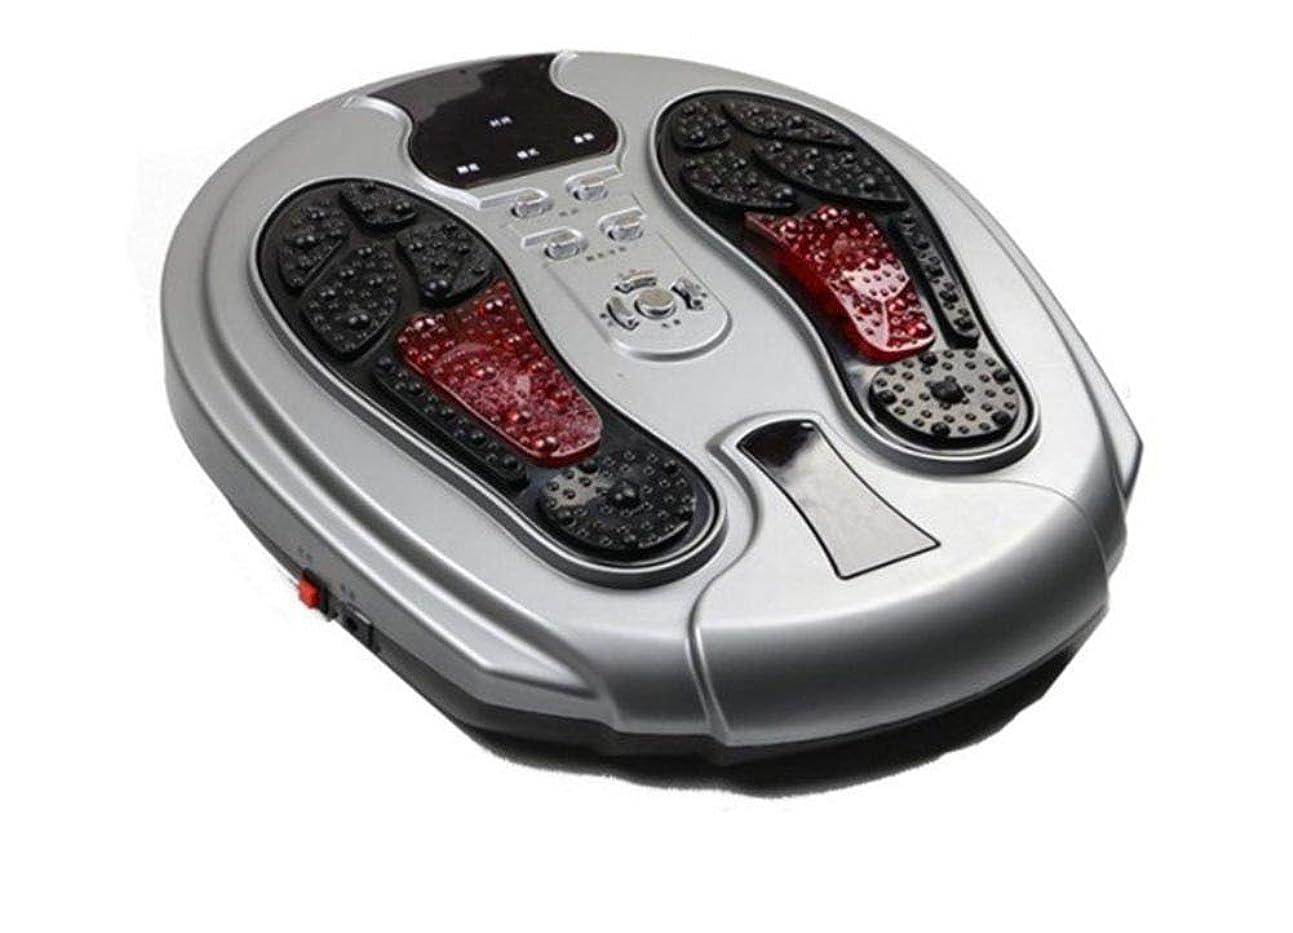 城車以降電磁足循環マッサージ、赤外線理学療法、リモコン、痛みや痛みを和らげるのに役立ちます